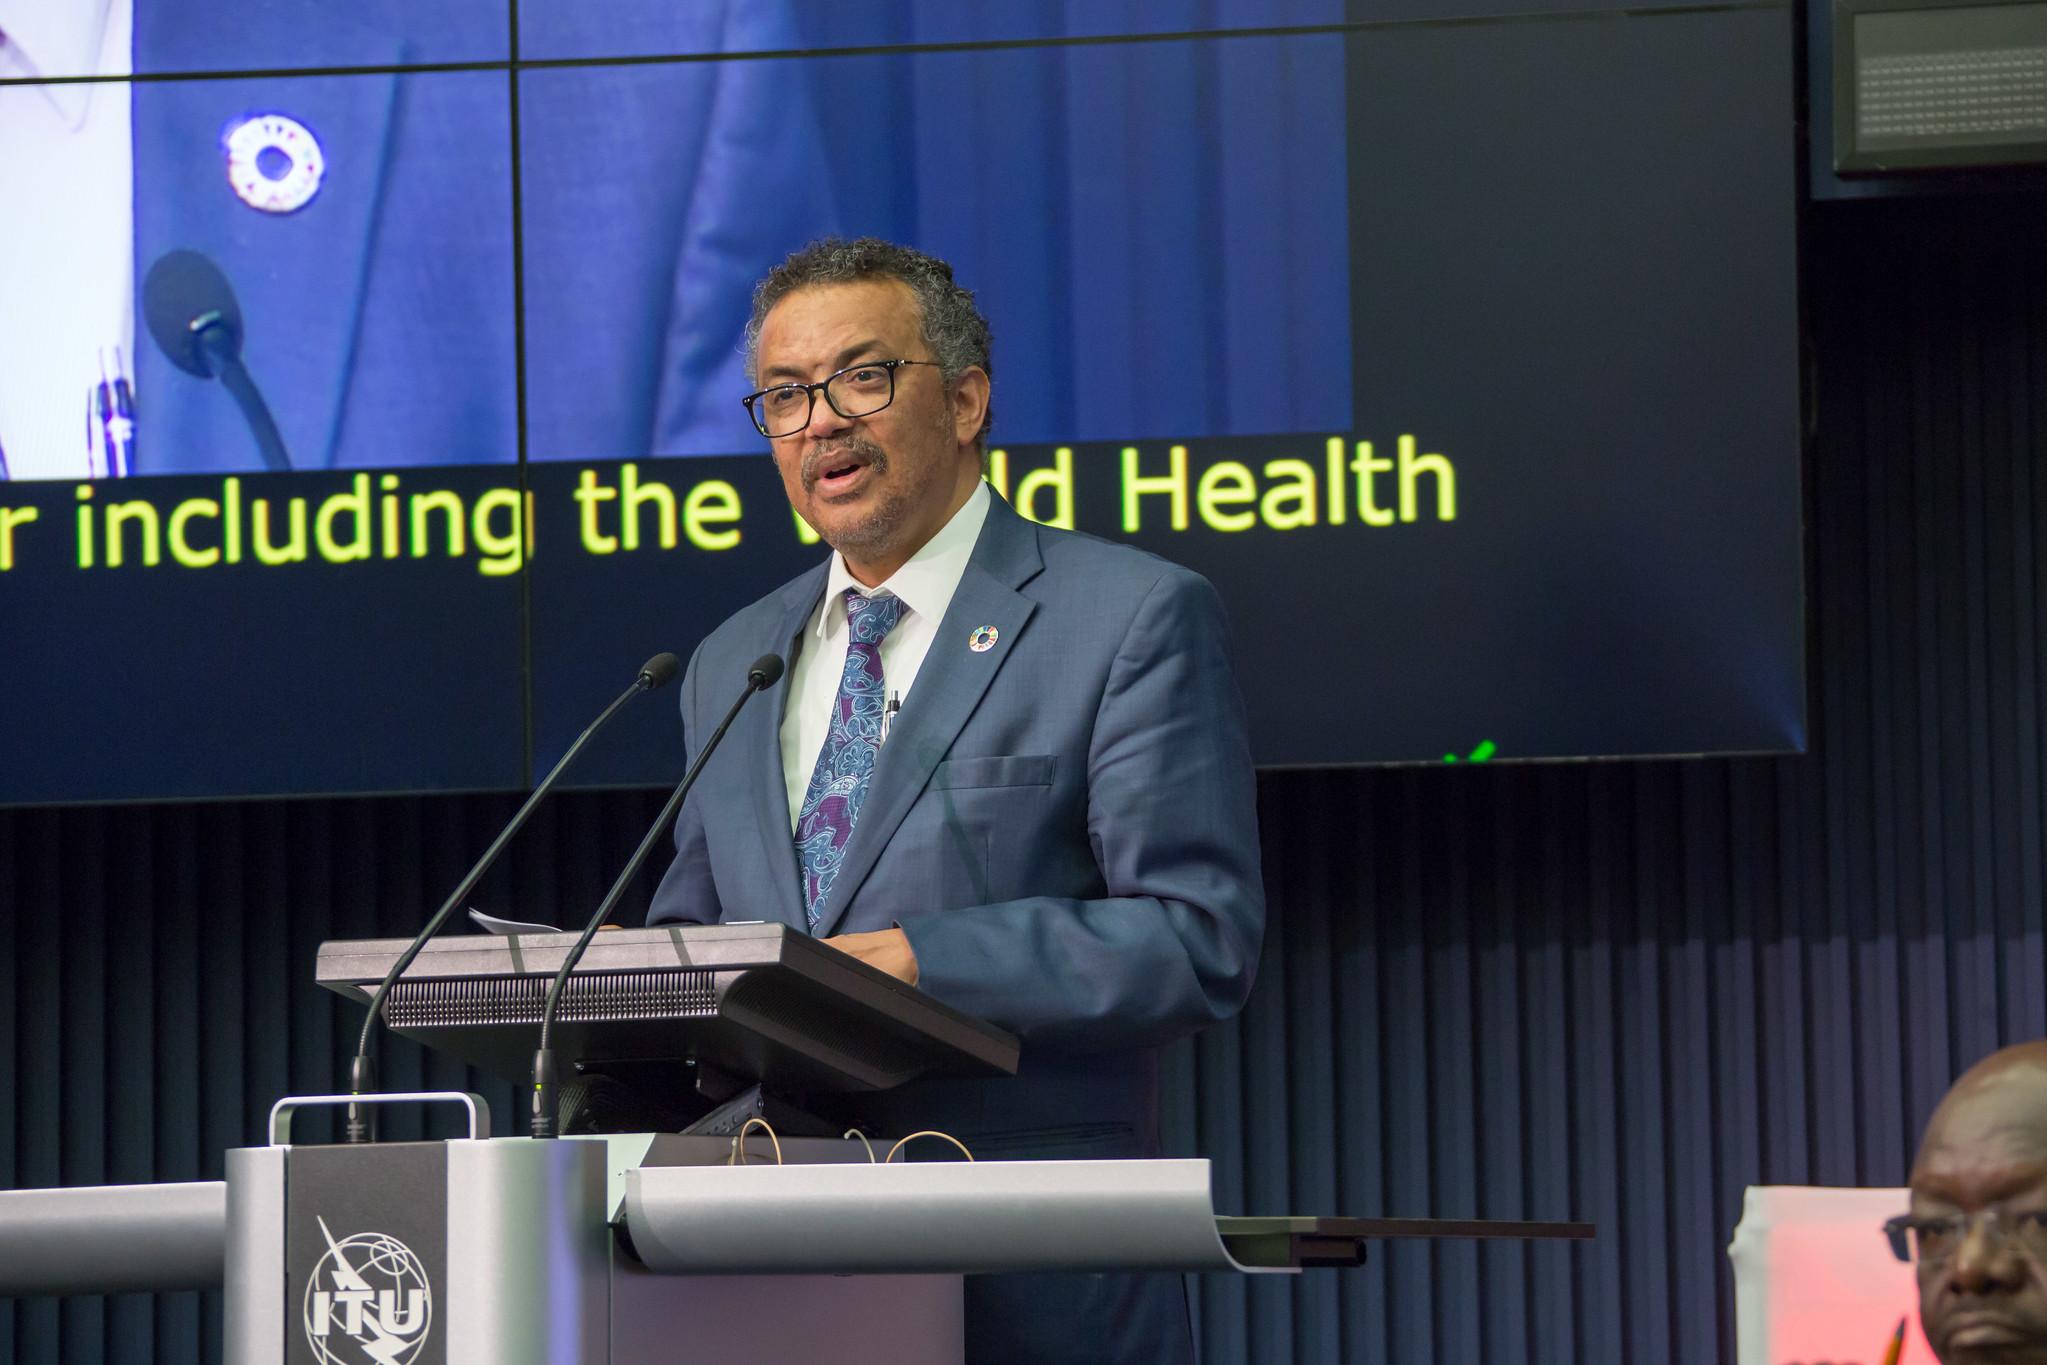 WHO總幹事譚賽德(Dr Tedros Adhanom Ghebreyesus)(圖/ITU Pictures/CC BY 2.0)